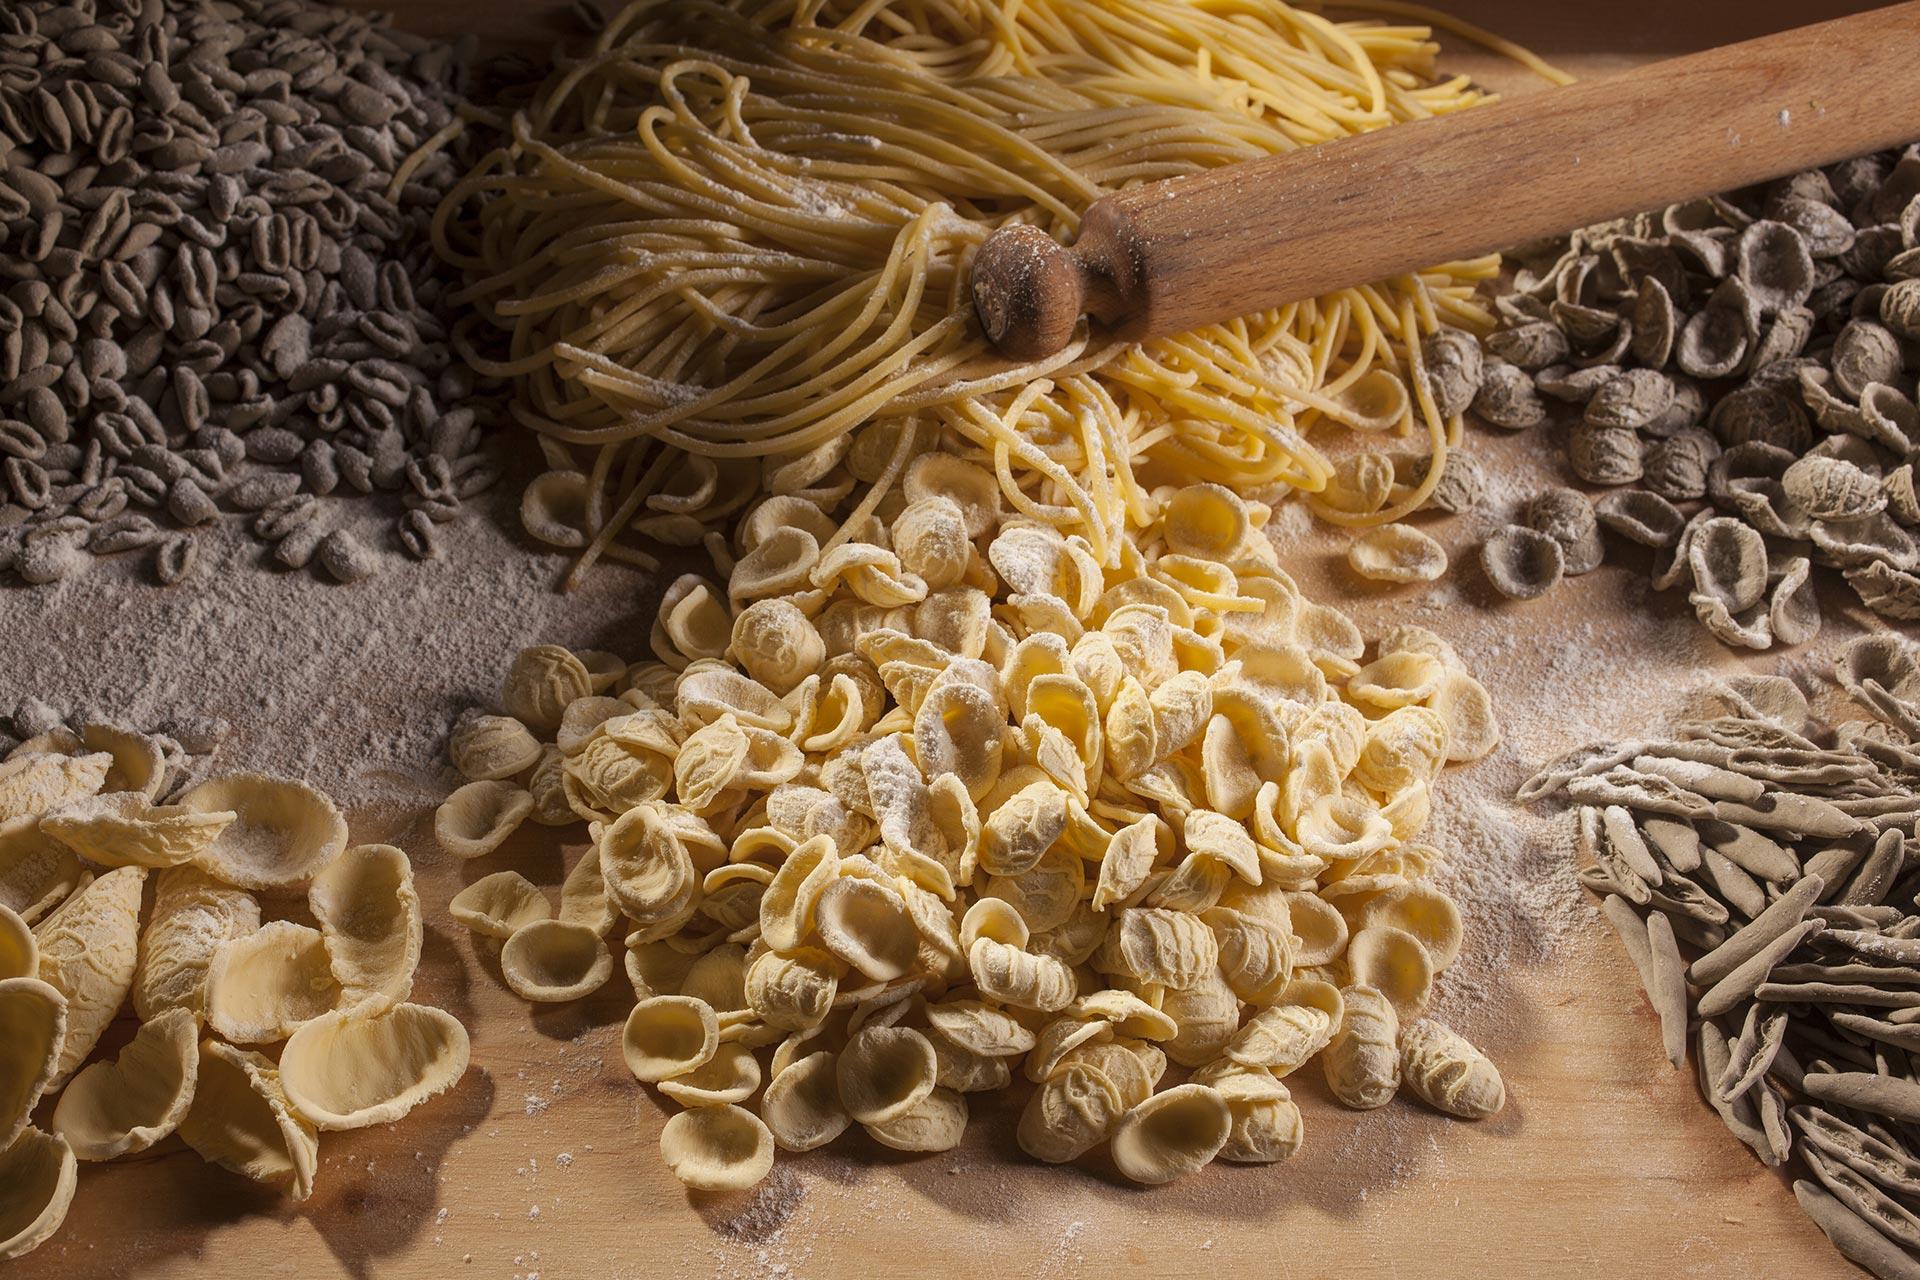 Varietà di pasta fatta a mano